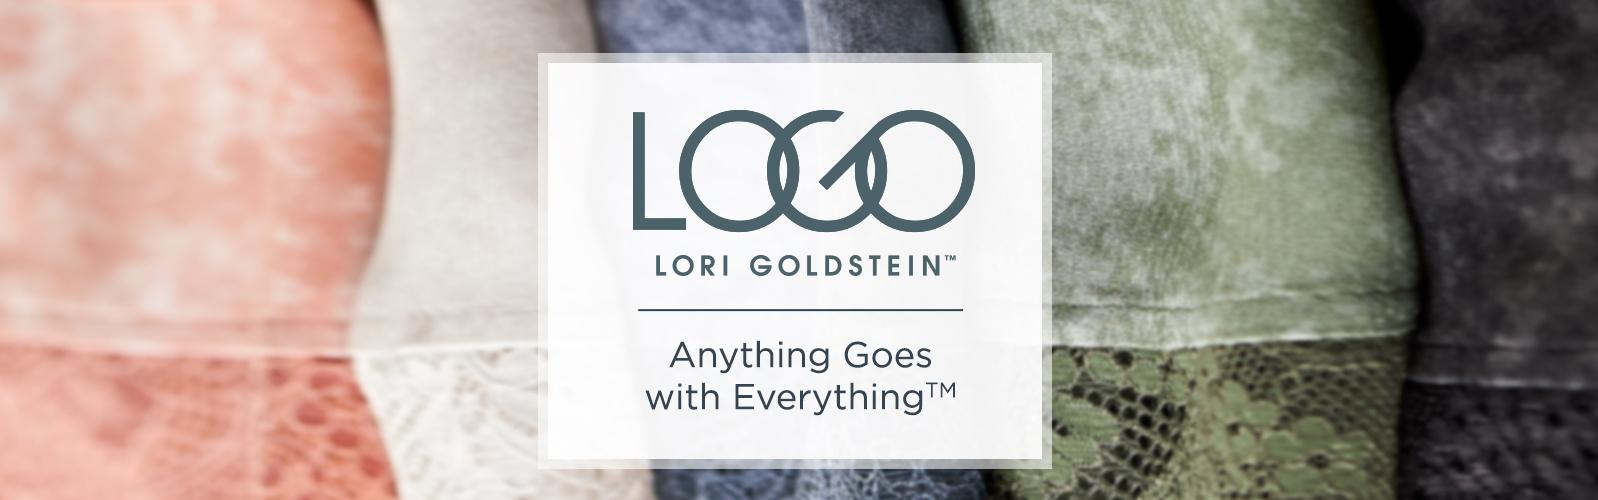 Logo By Lori Goldstein Shoes Qvccom